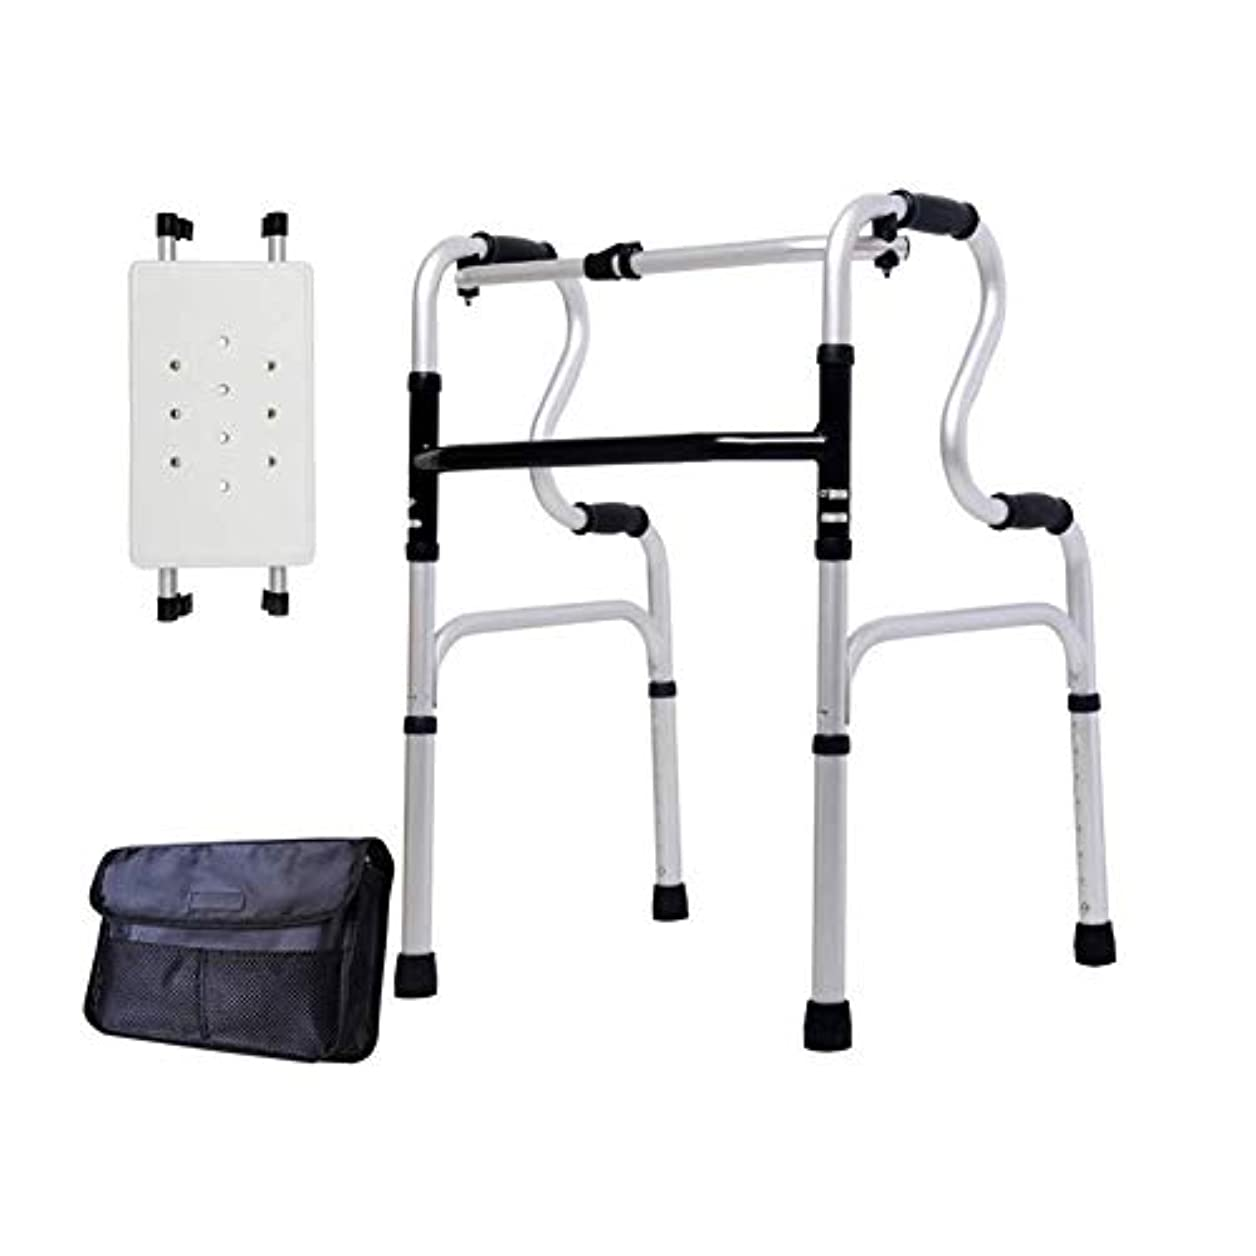 蓮対抗ボア調節可能な高さの歩行フレーム、取り外し可能なバスシートと収納袋付きの非車輪付き軽量ウォーカー (Color : A)